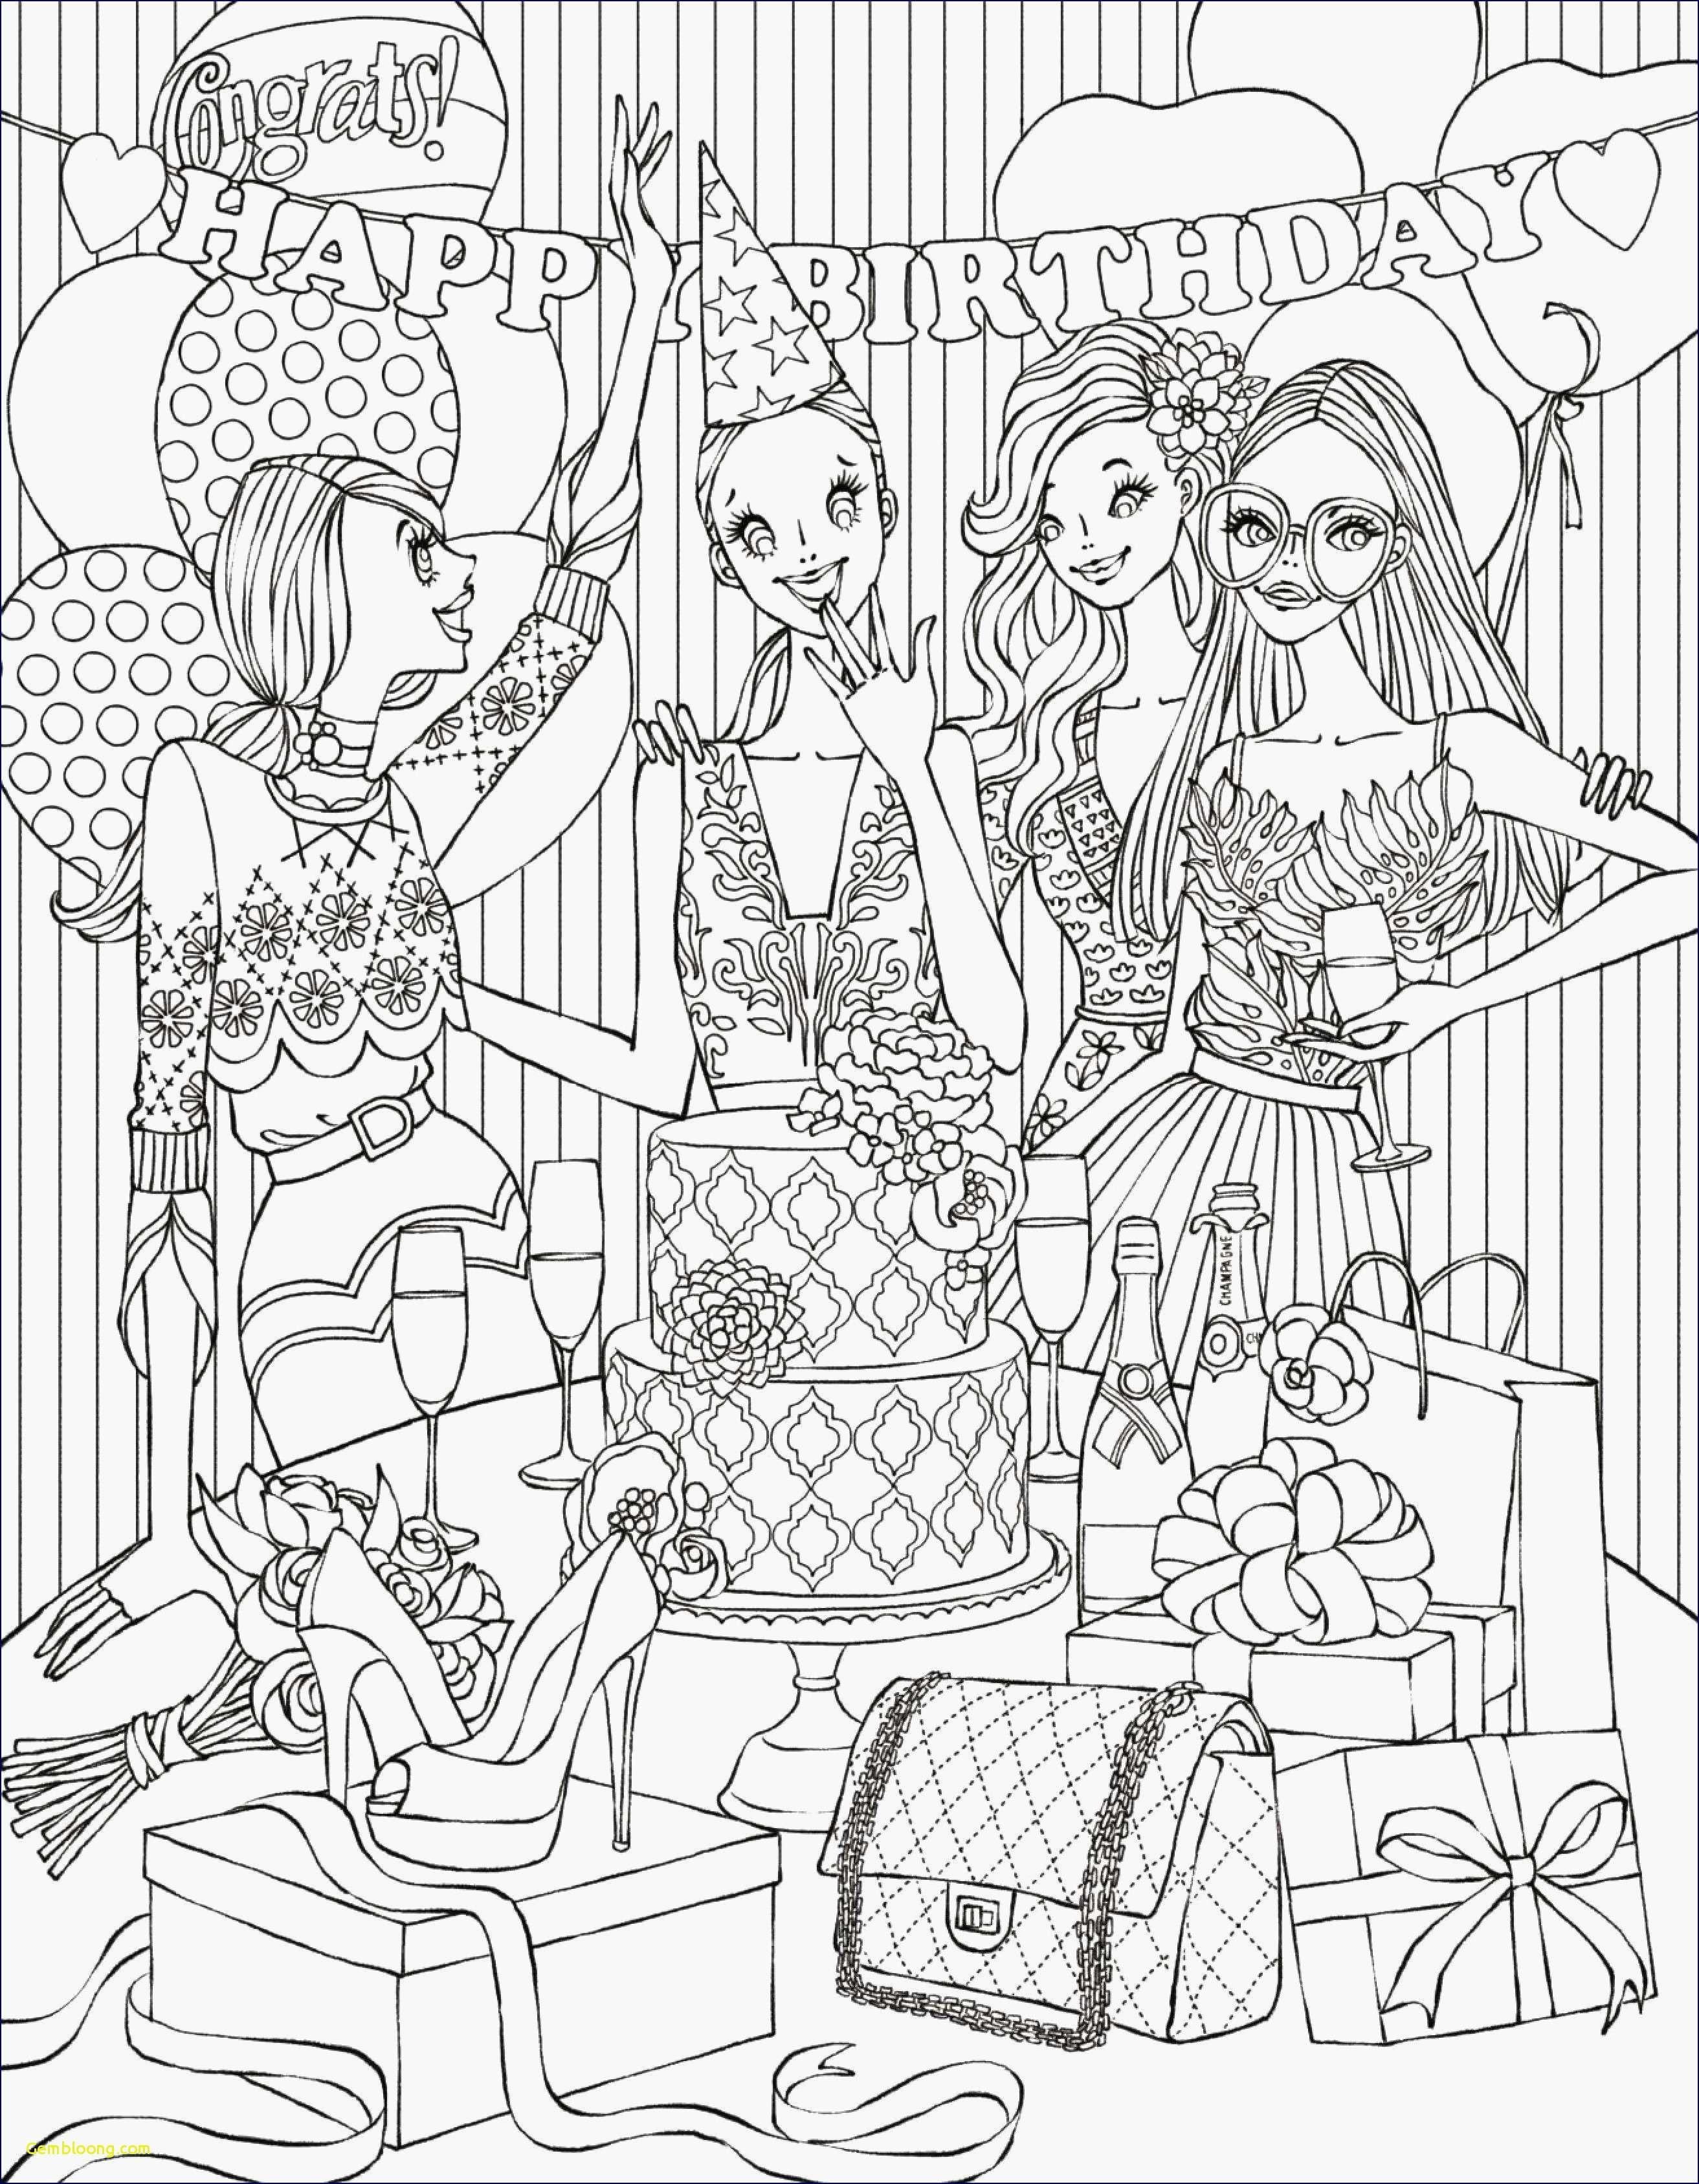 Ladybug Maske Zum Ausdrucken Genial Minion Ausmalbilder Geburtstag Uploadertalk Inspirierend Diddl Bilder